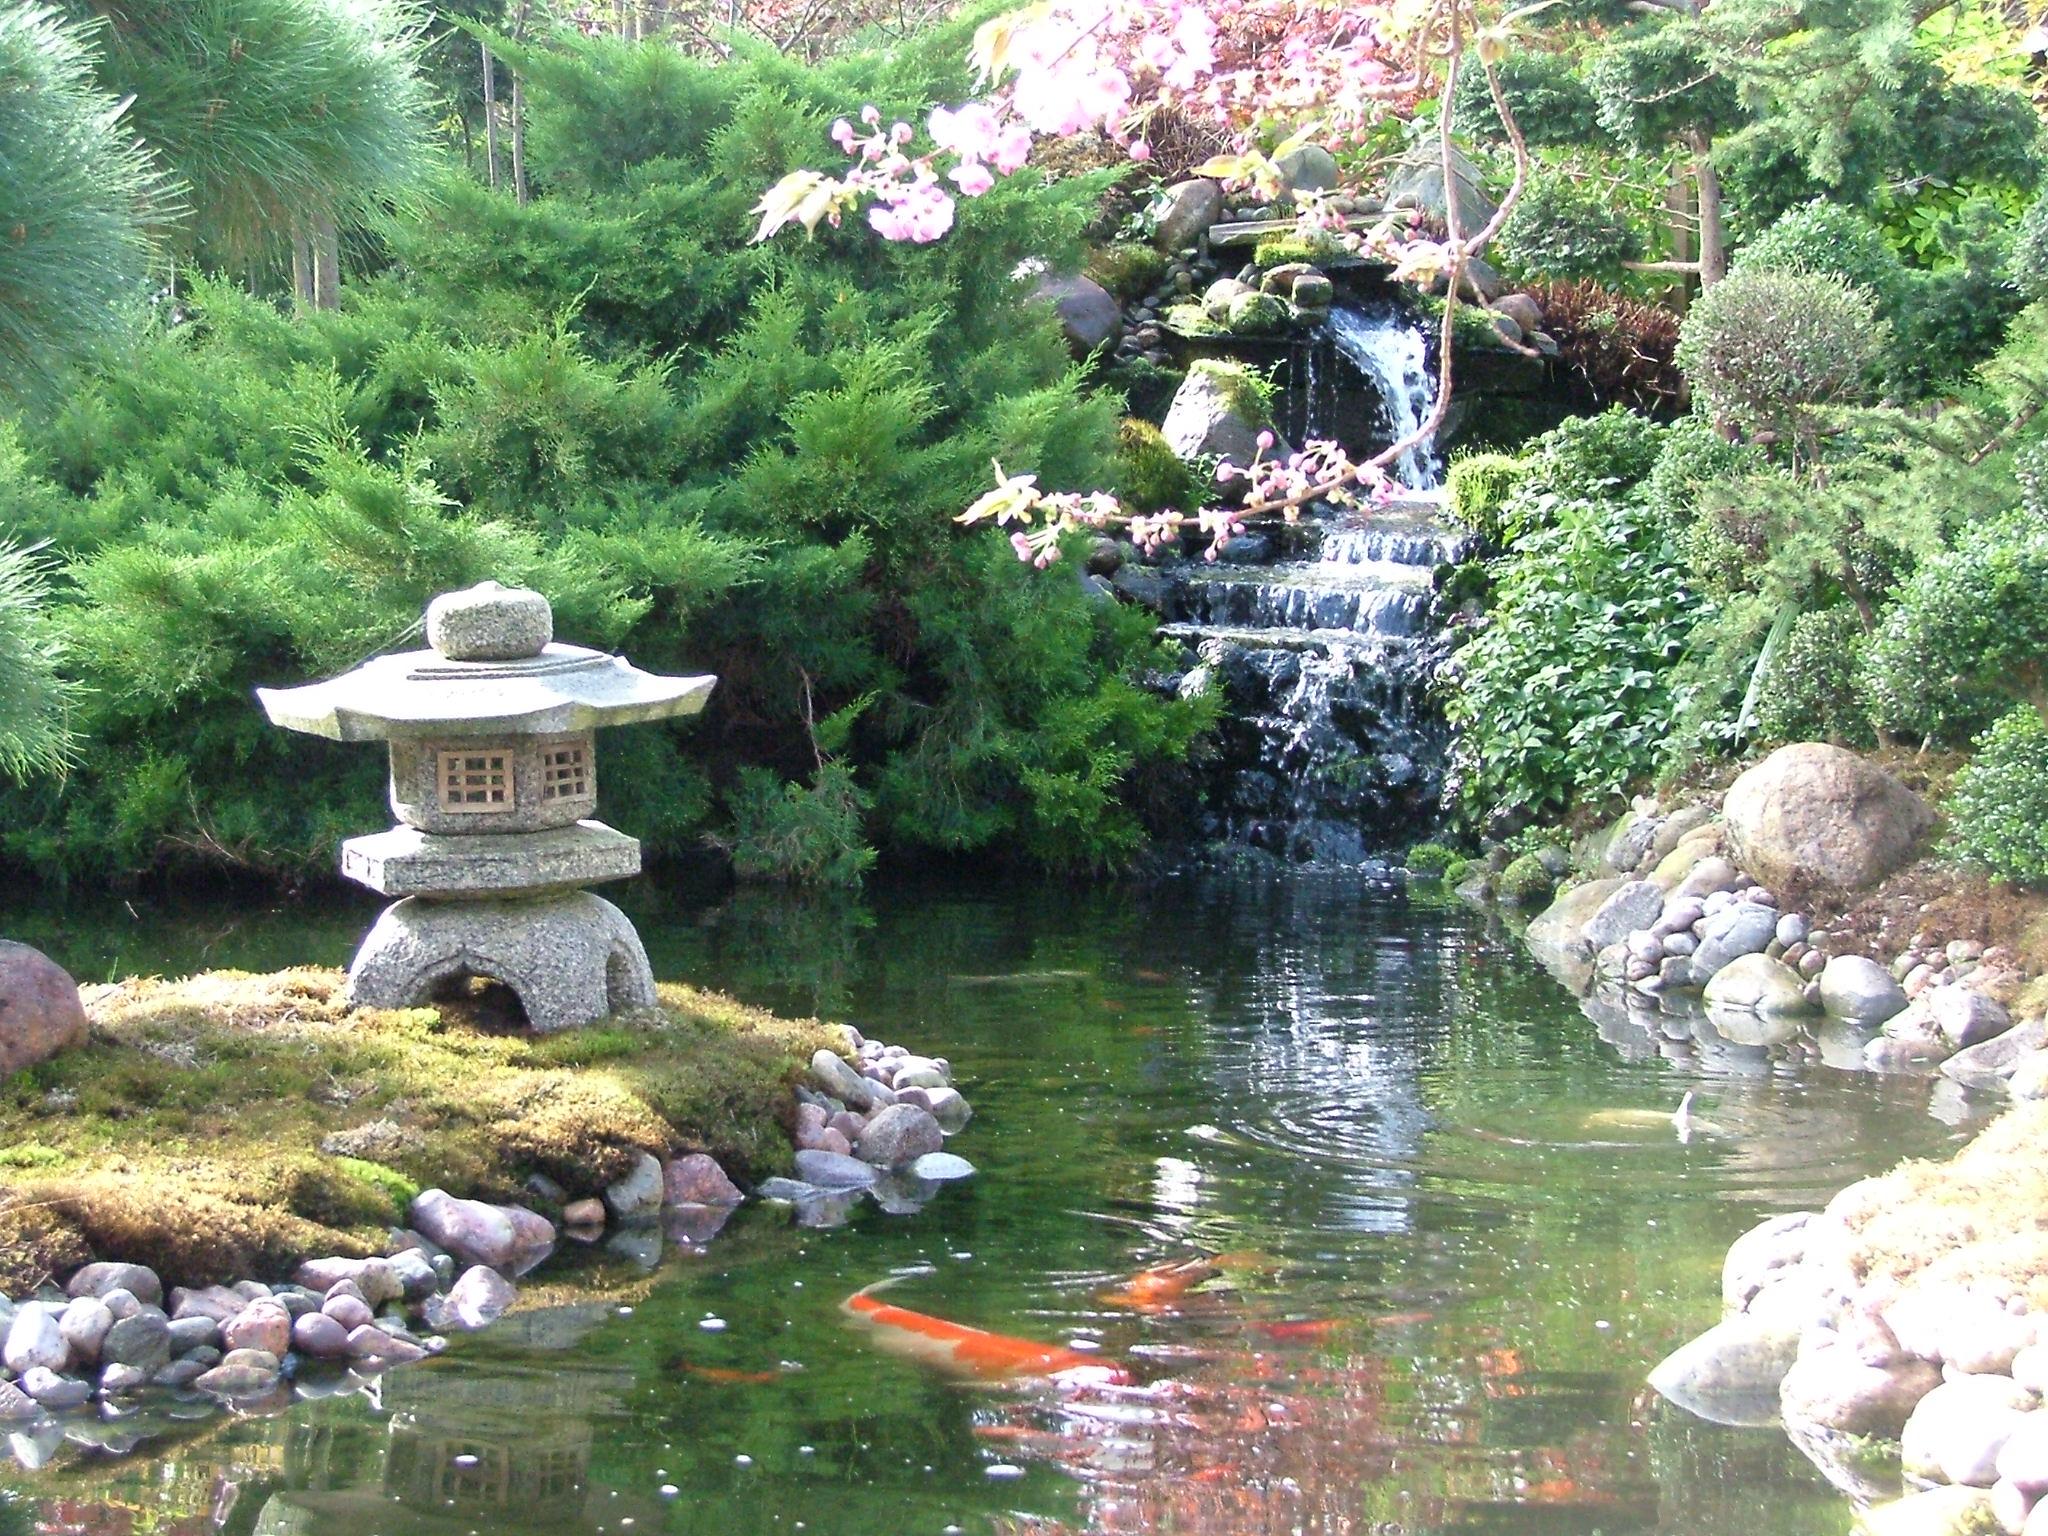 Anleitung japanischen garten selbst gestalten wir kl ren for Garten gestalten mit teich